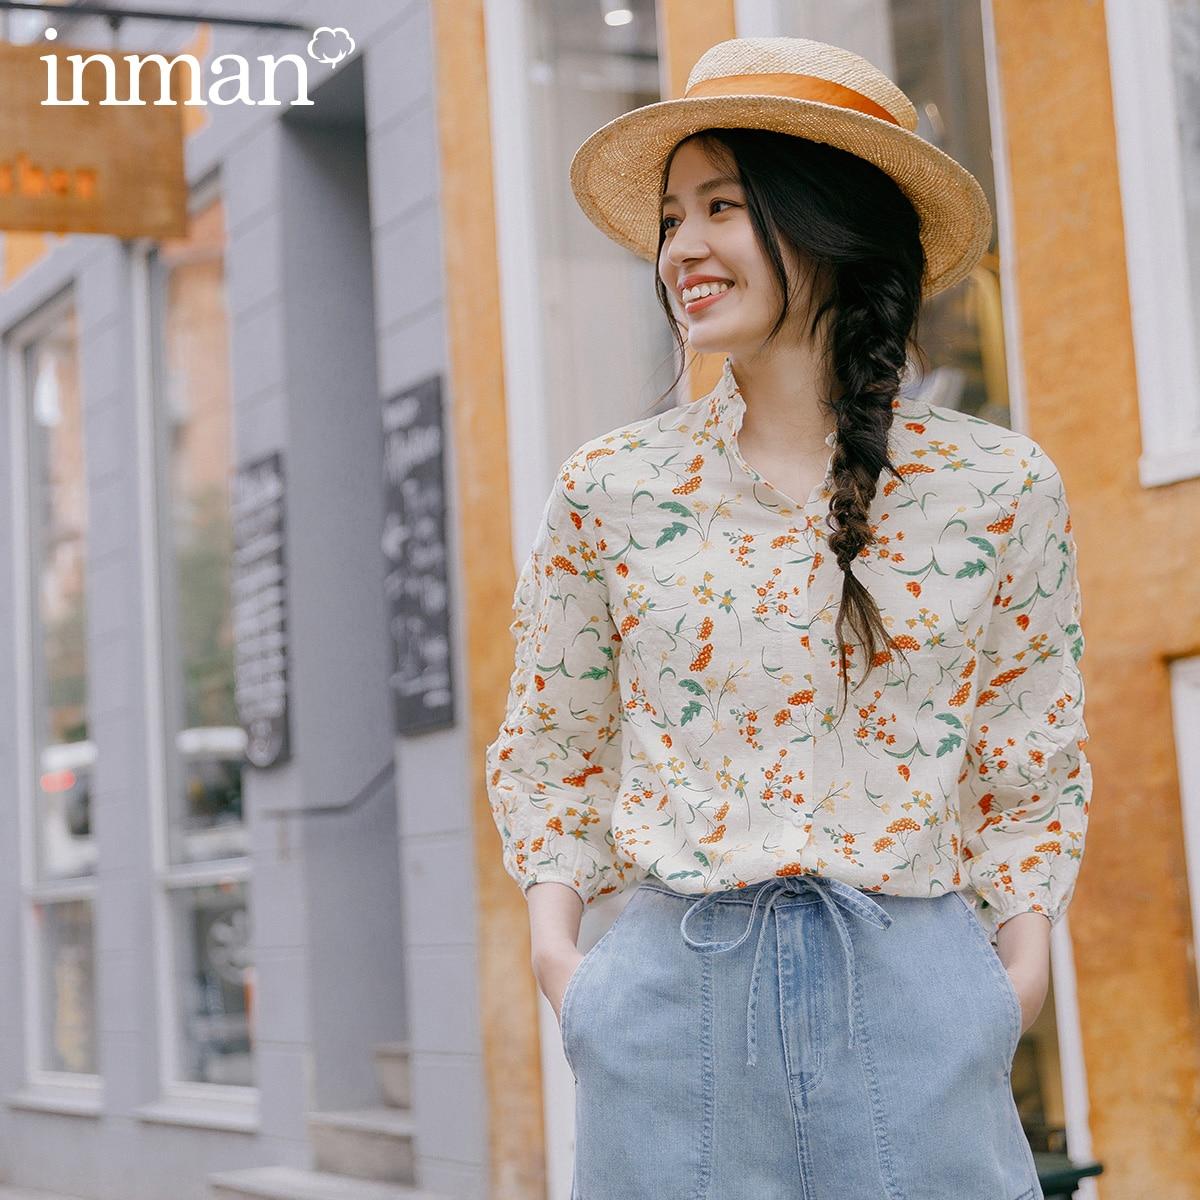 US $17.21 65% СКИДКА|INMAN, весна 2020, Новое поступление, блузка с рукавом три четверти и цветочным рисунком в стиле ретро|Блузки и рубашки| |  - AliExpress